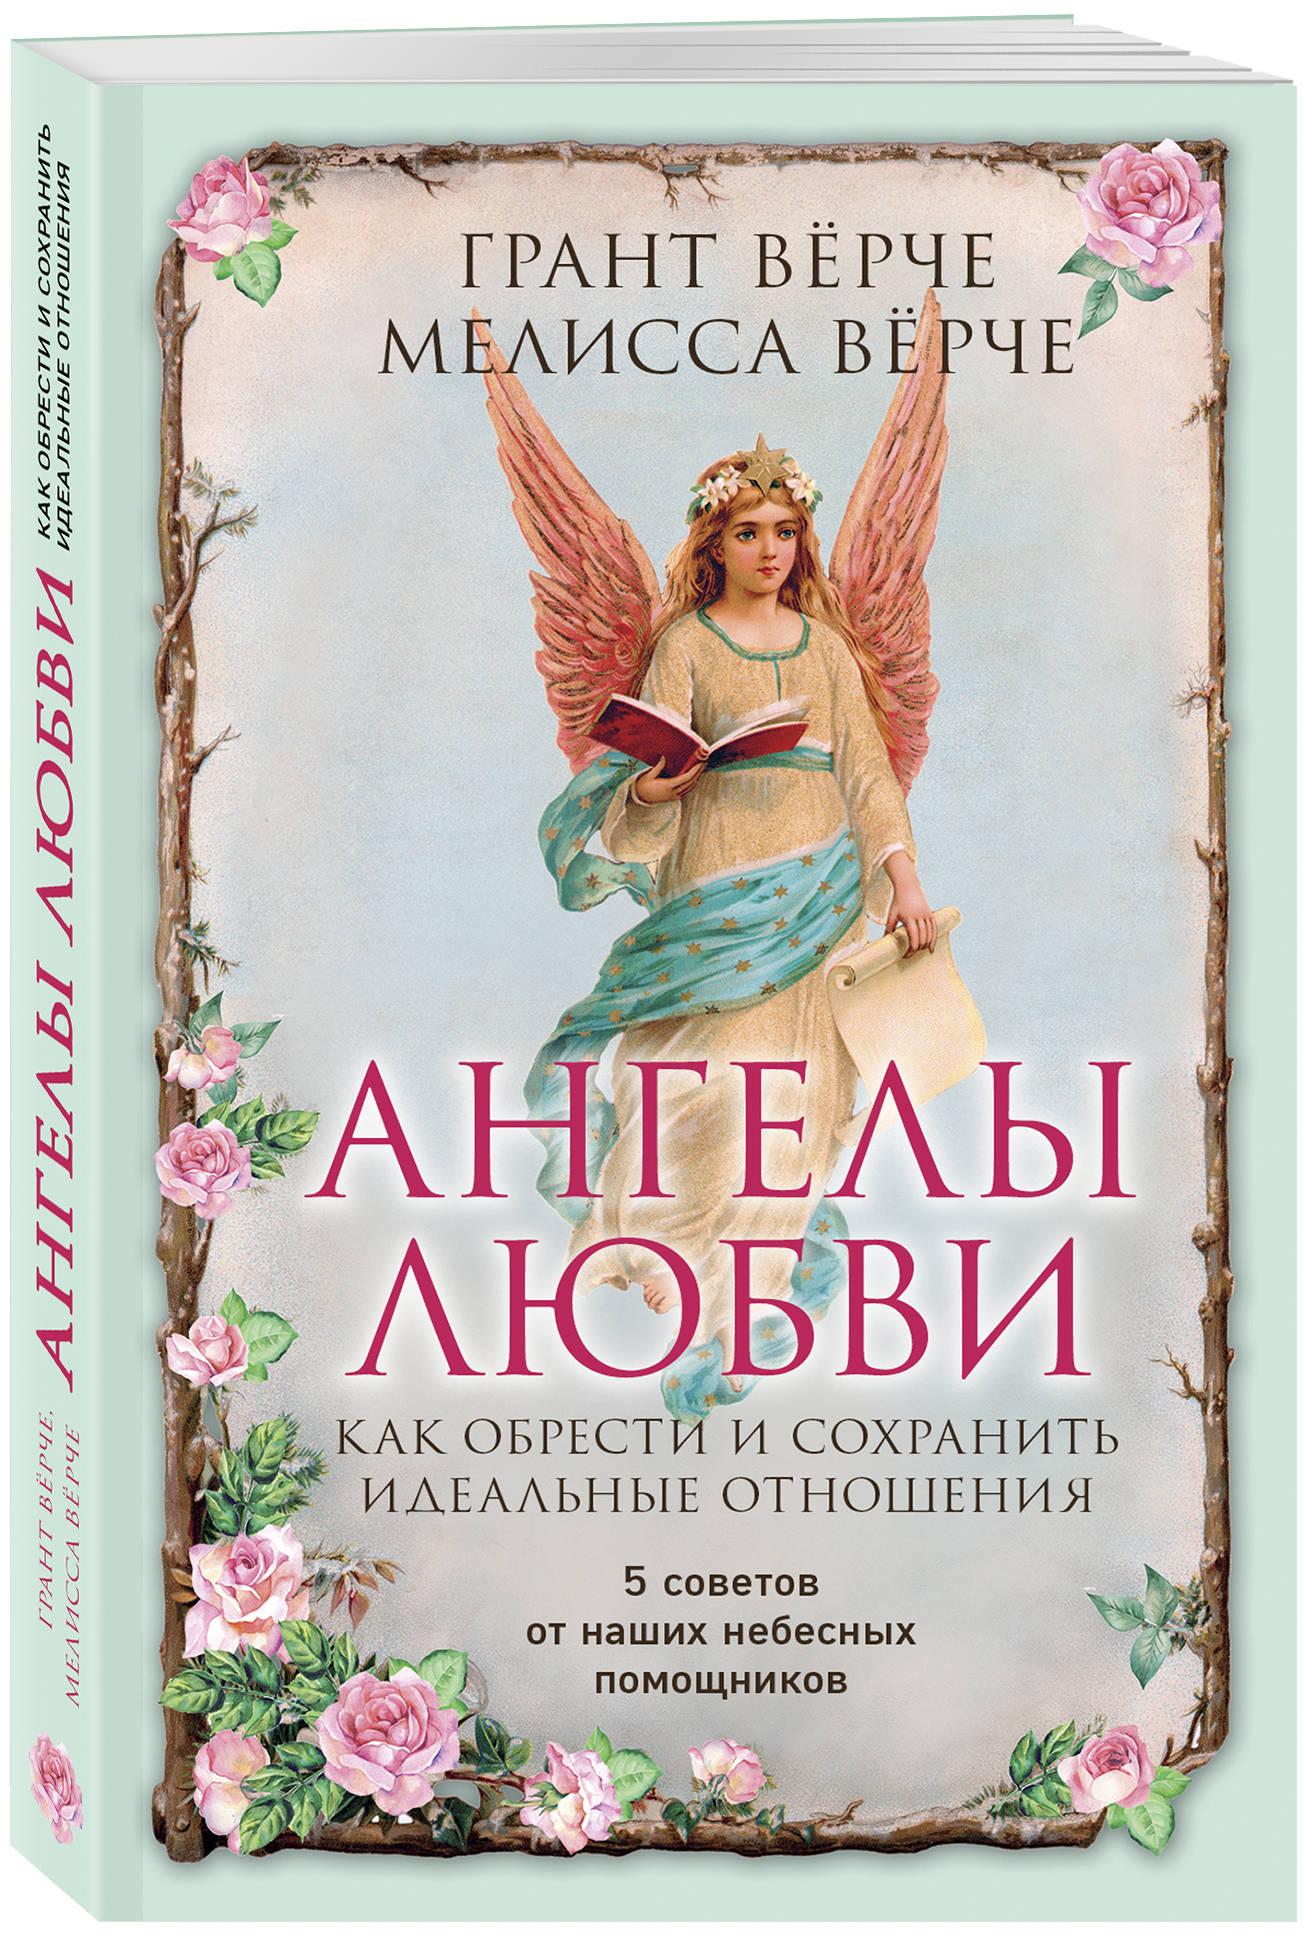 Грант Вёрче, Мелисса Вёрче Ангелы любви. Как обрести и сохранить идеальные отношения